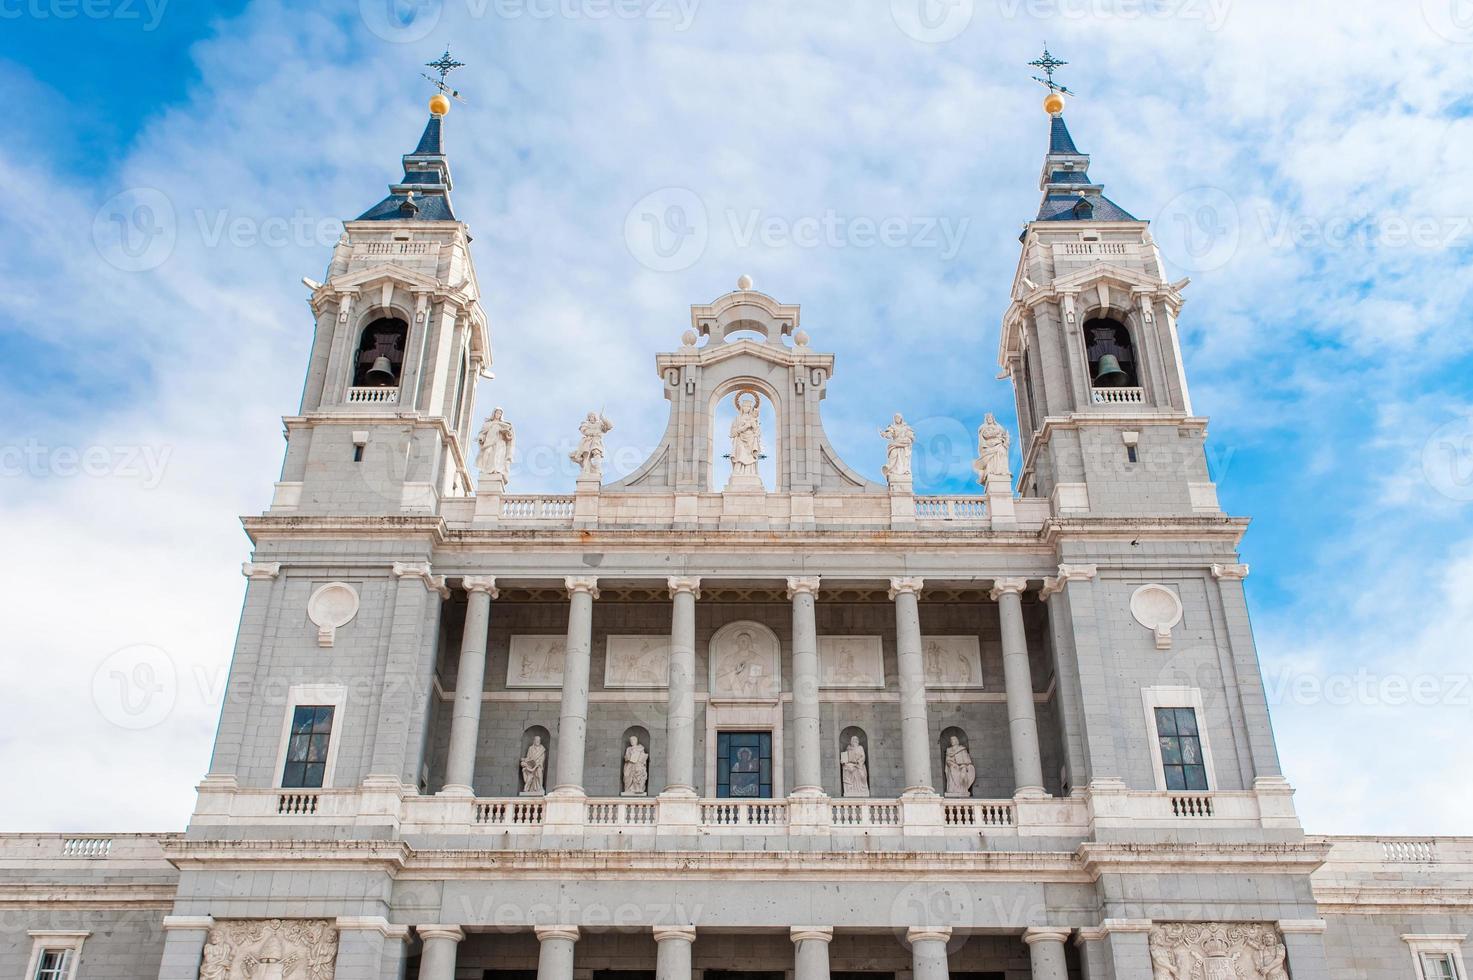 kathedraal van saint mary de koninklijke van la almudena foto